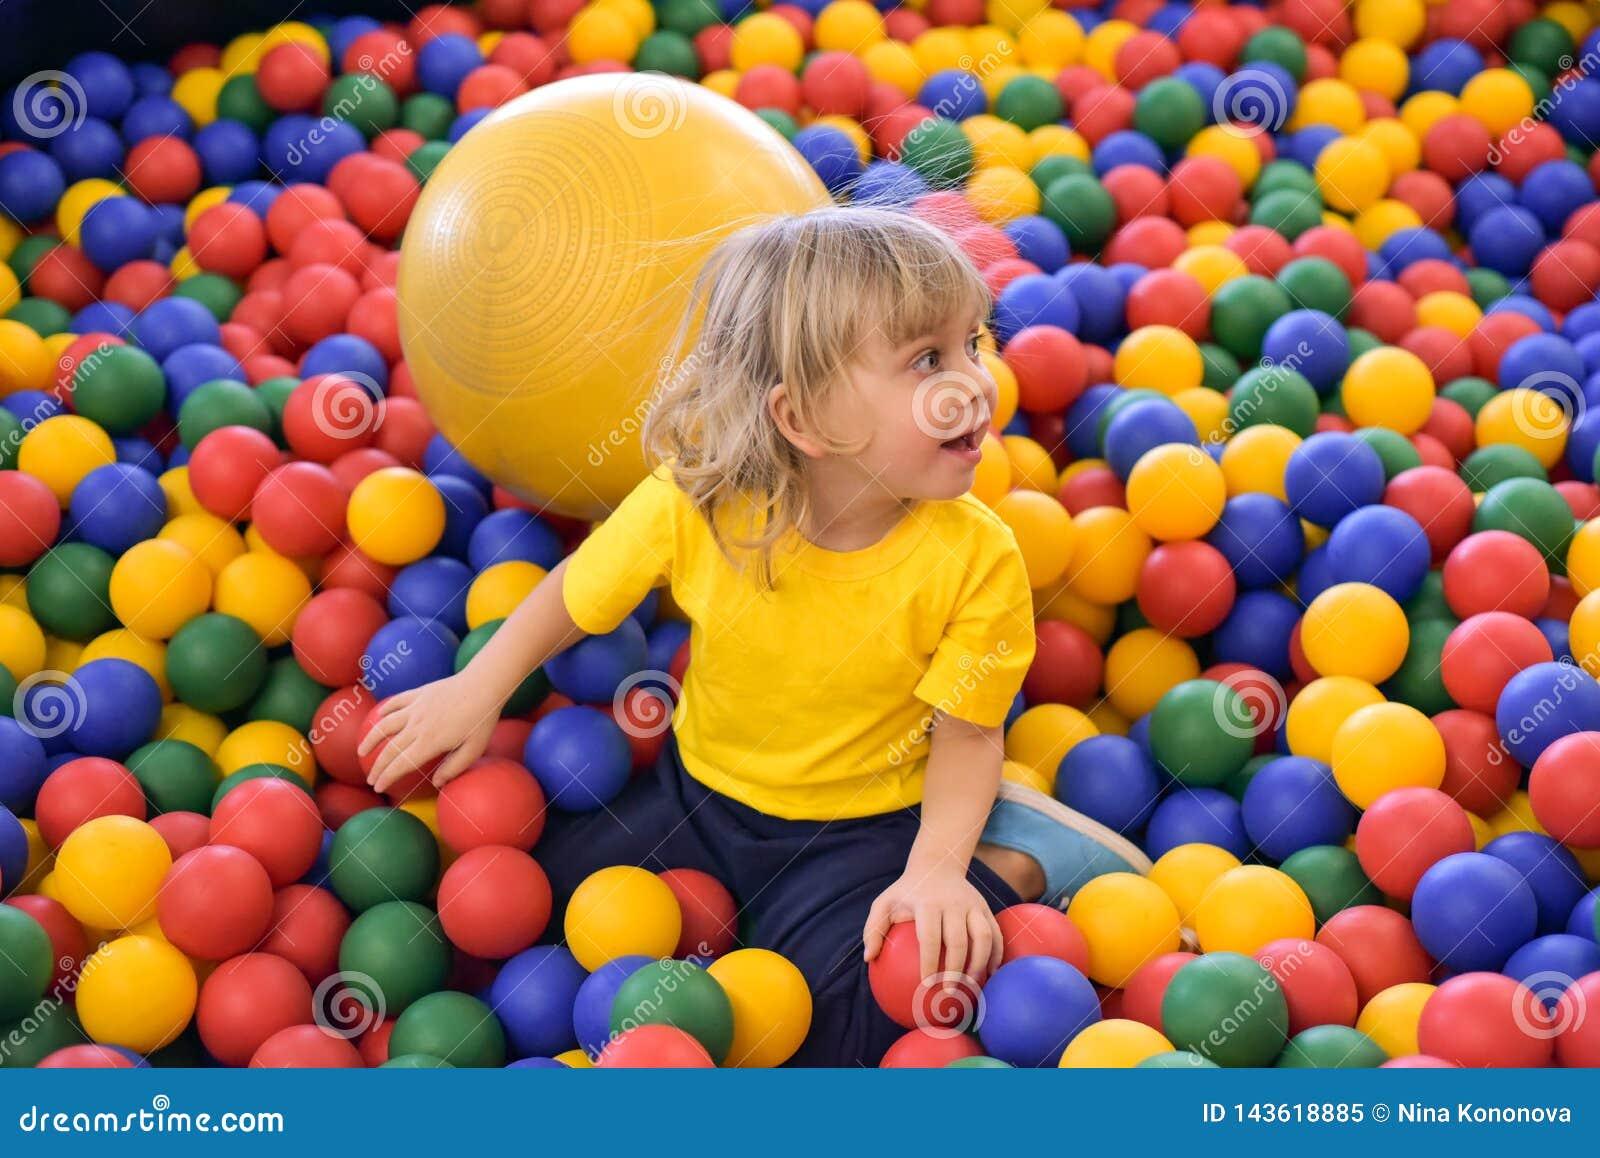 Porträt eines blonden Jungen in einem gelben T-Shirt Das Kinderlächeln und -spiele im Spielzimmer der Kinder Ballpool